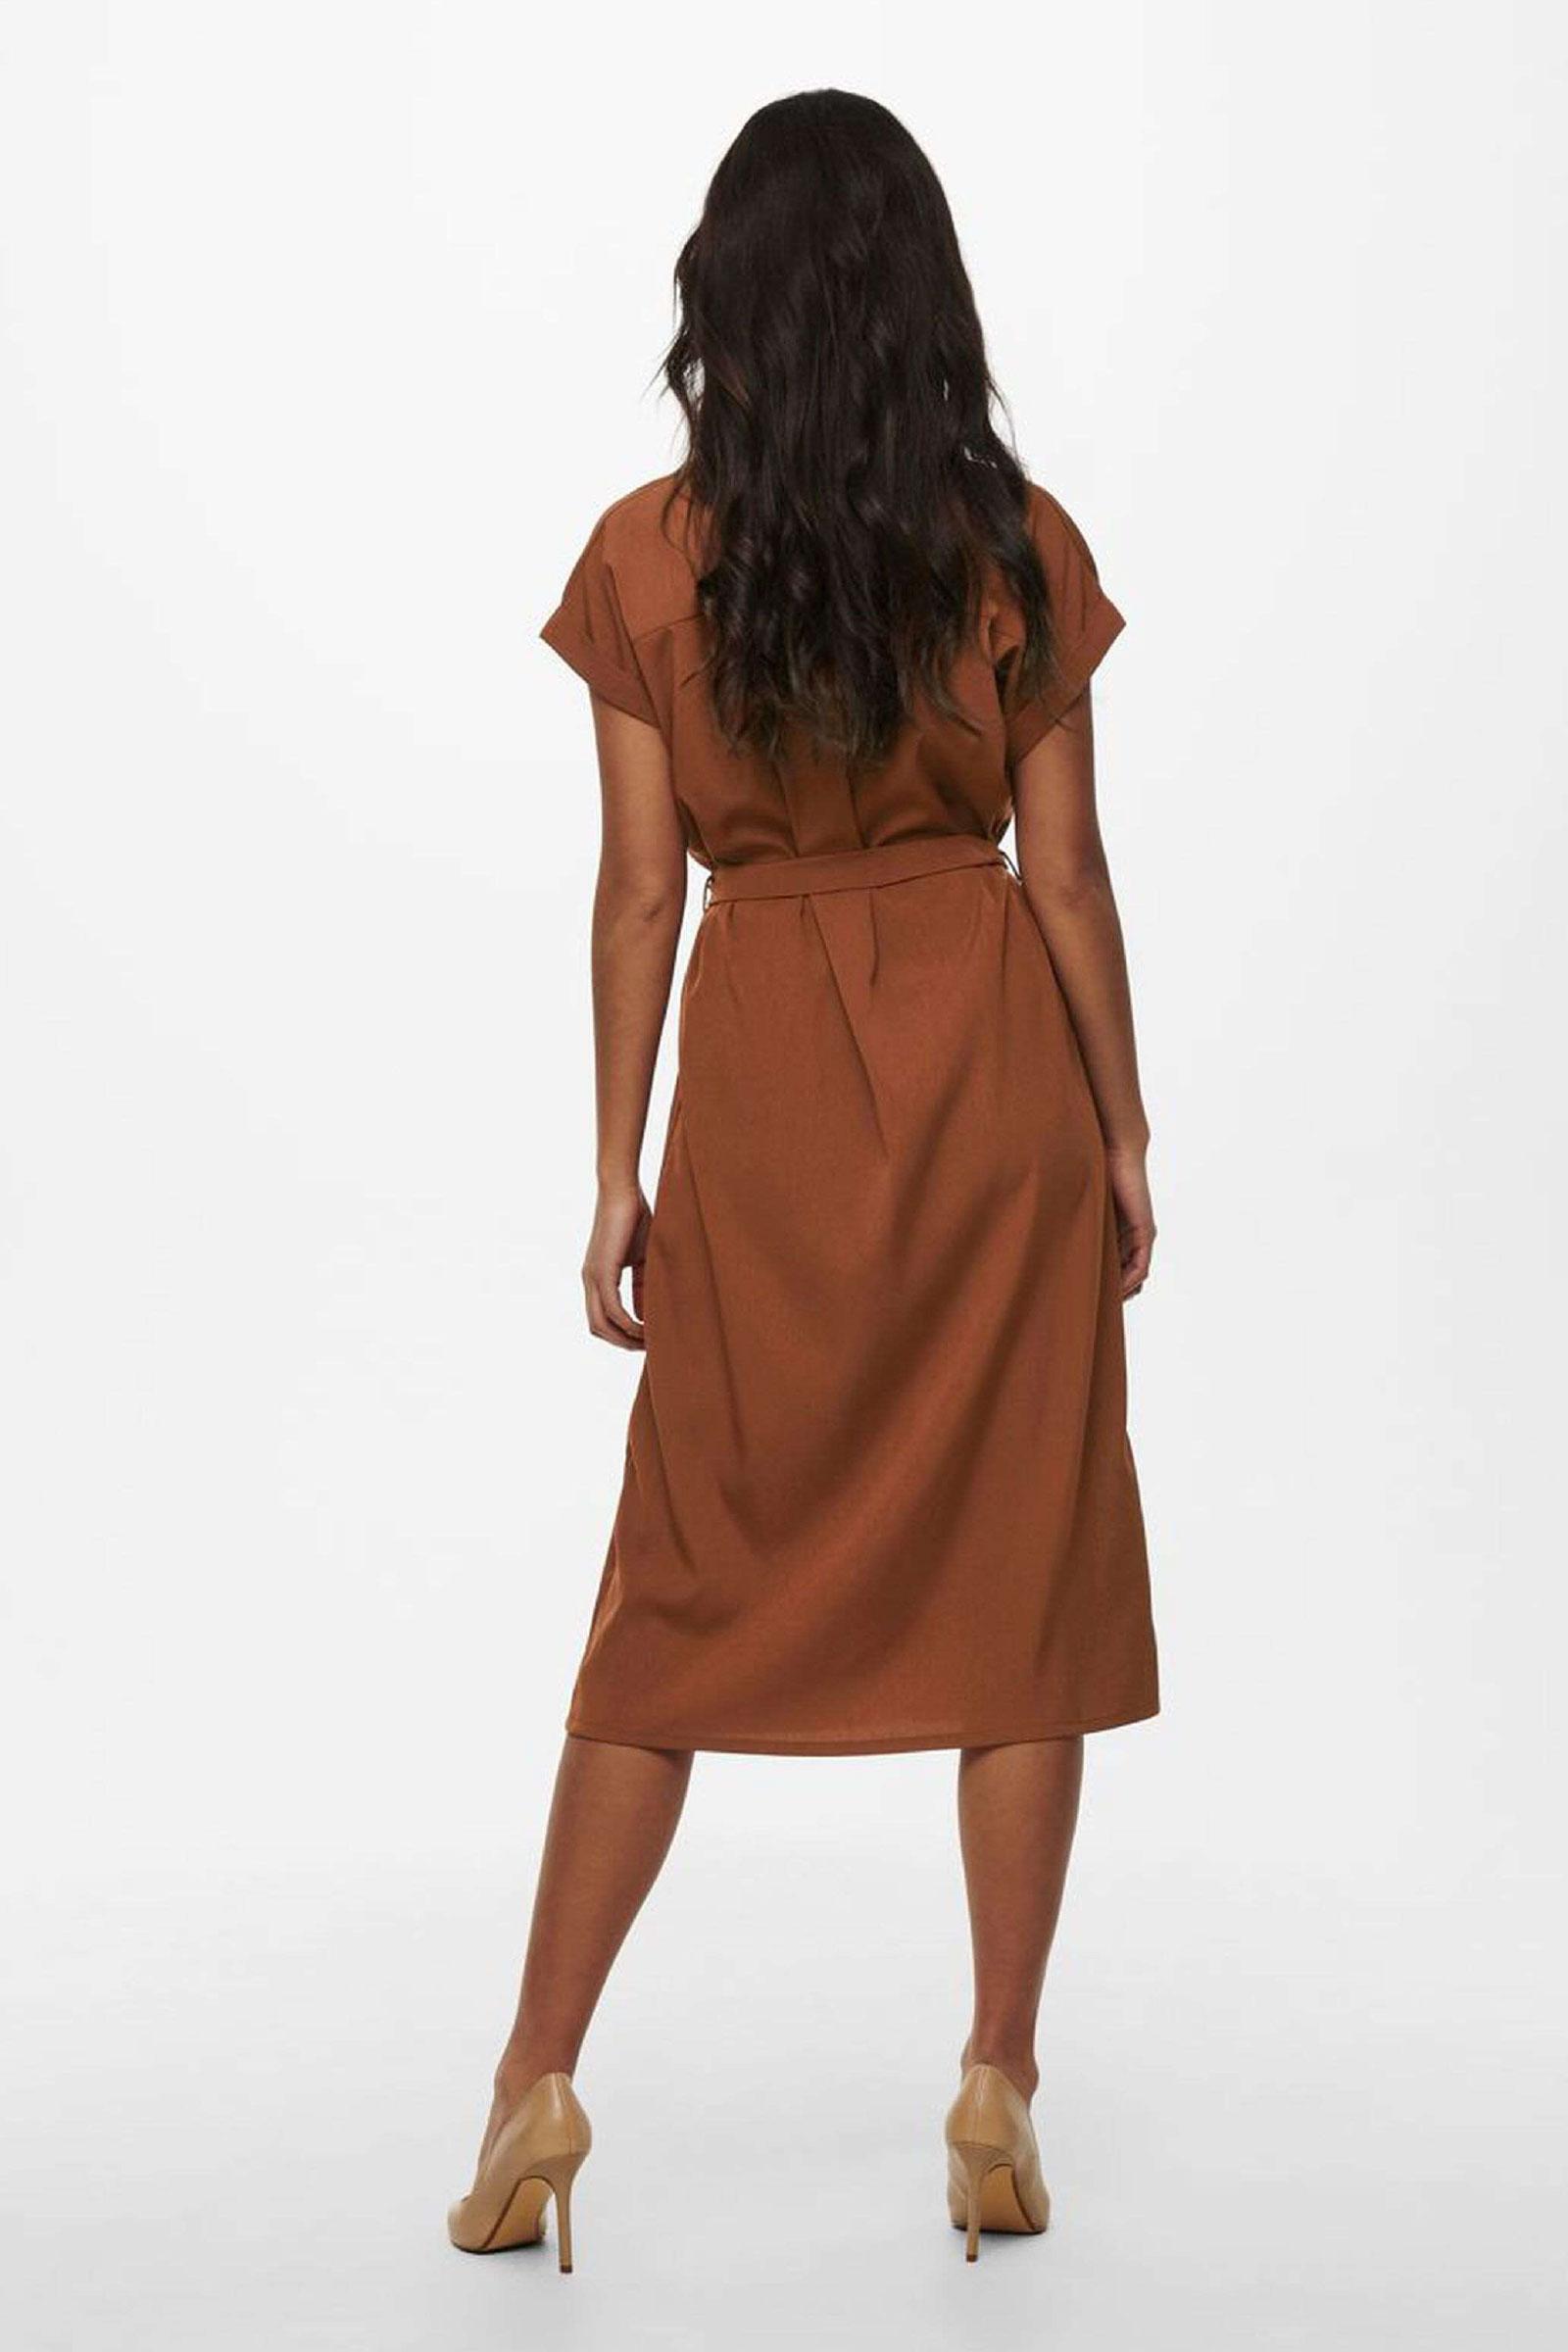 ONLY Vestito Donna Tortoise Shell ONLY | Skirt | 15191953Tortoise Shell